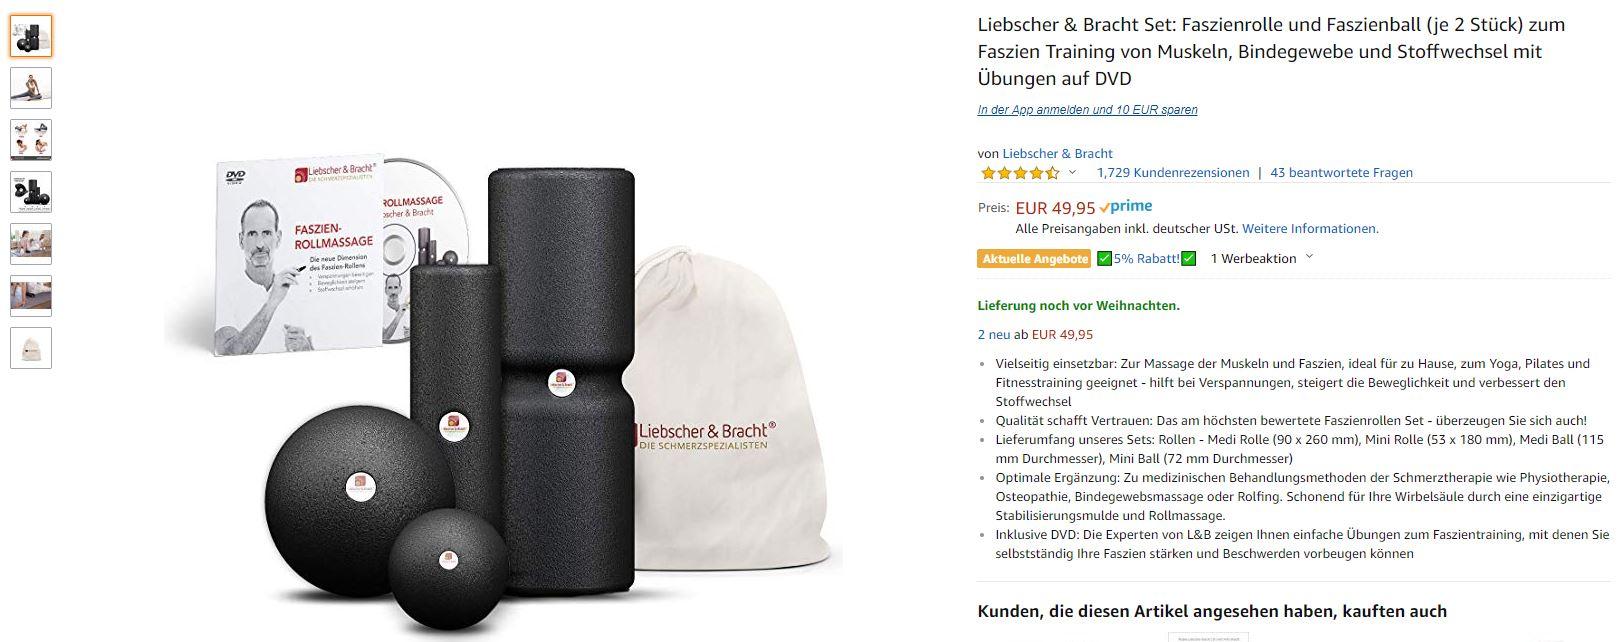 Amazon FBA USP finden 3